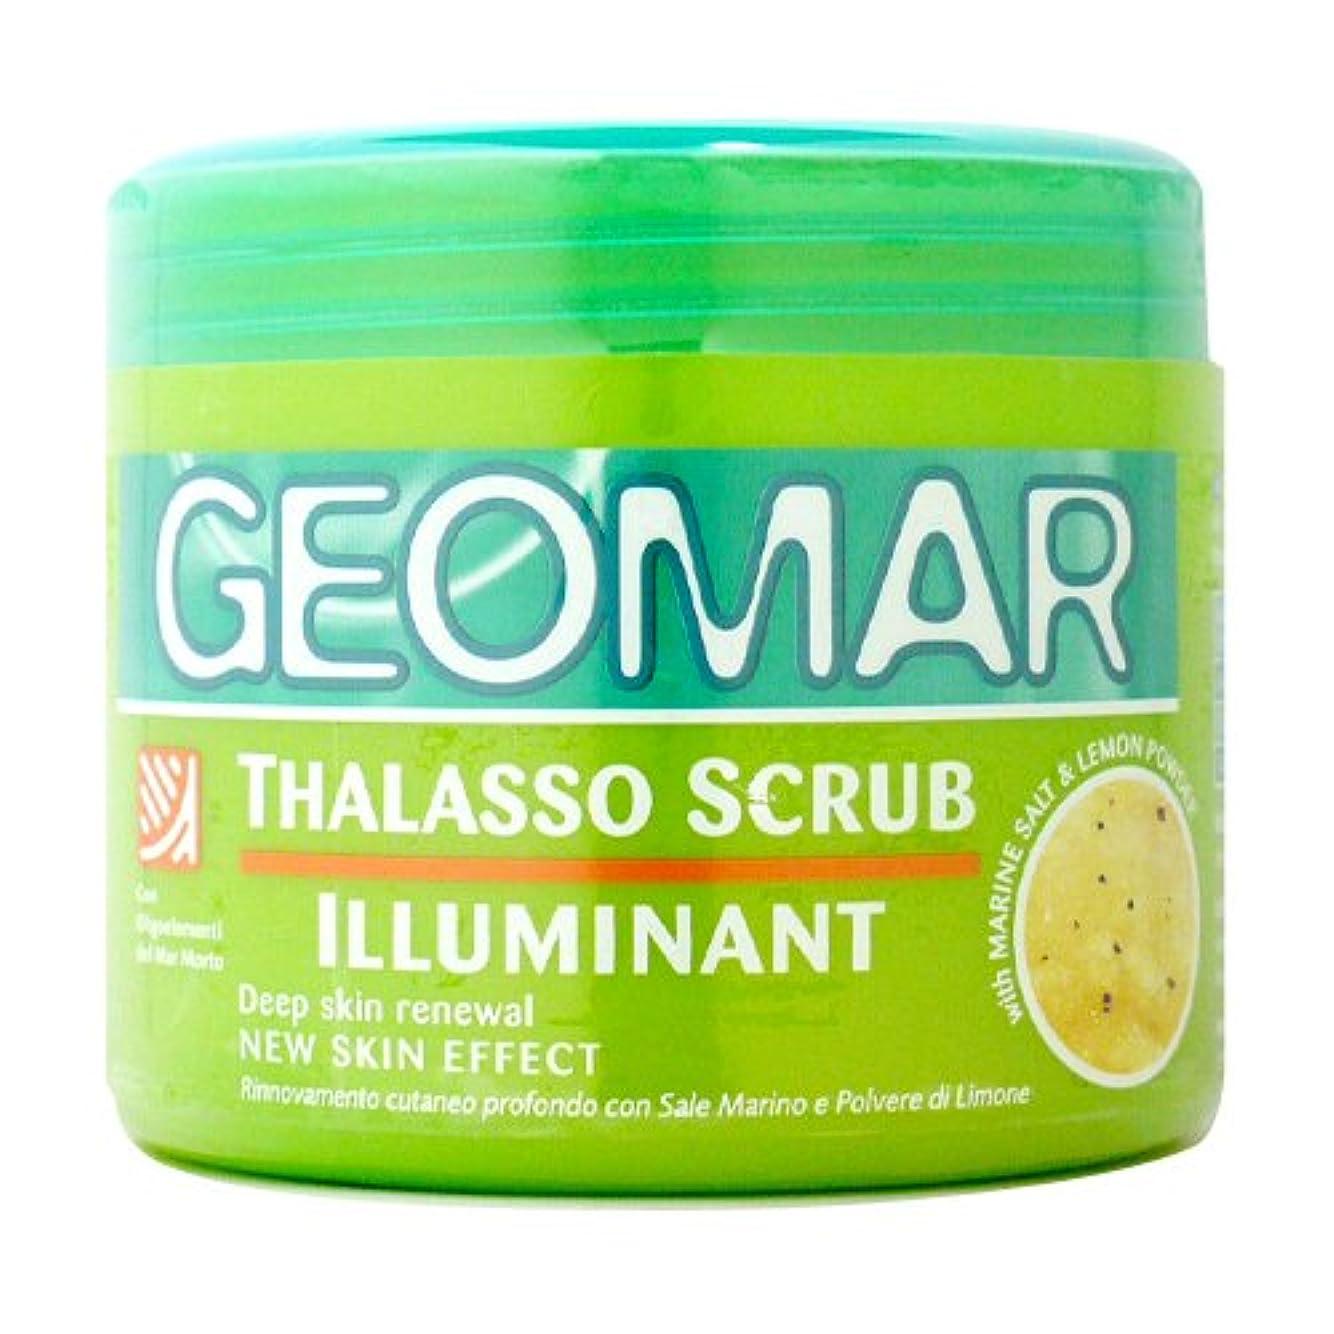 シャベルスイッチ明るくするジェオマール タラソスクラブ イルミナント (ブライトレモン) 600g